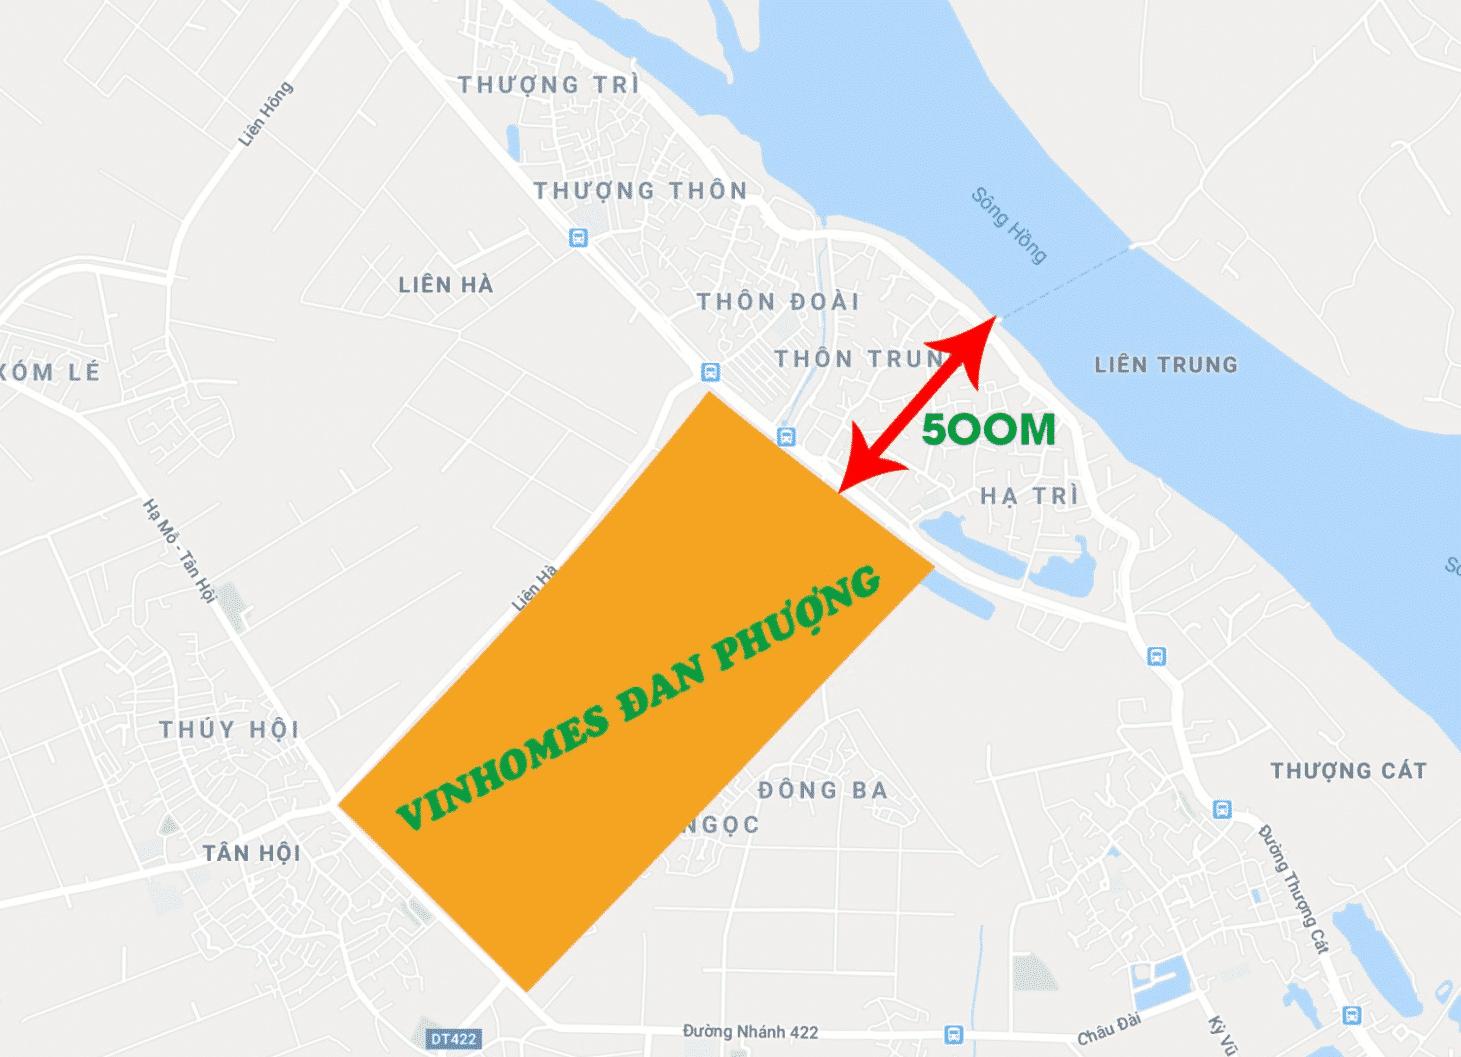 Vị trí Vinhomes Wonder Park Đan Phượng ở đâu Hà Nội  8